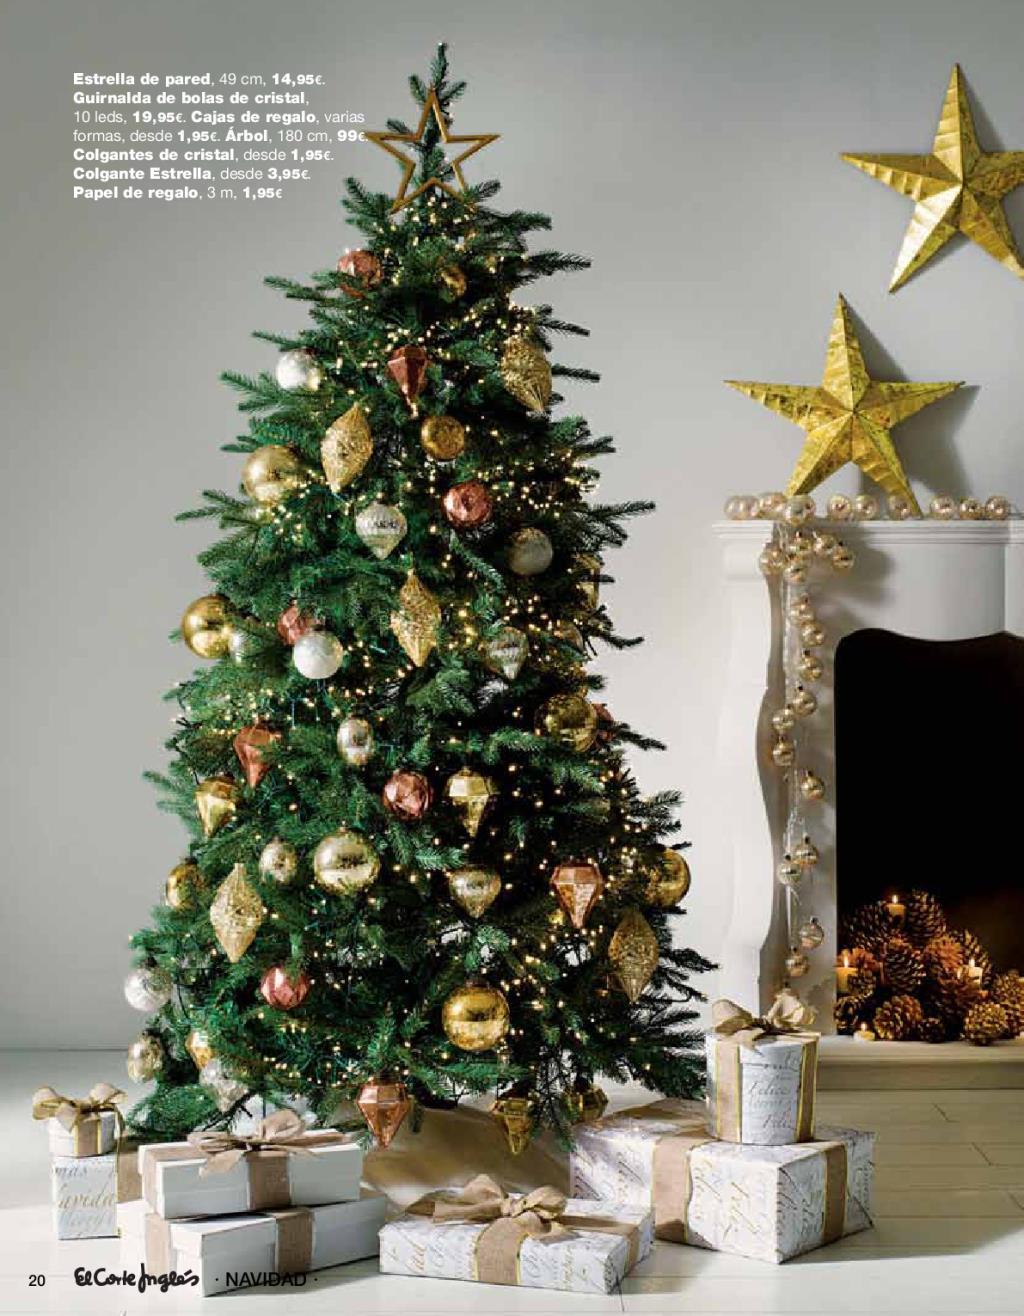 Navidad el corte ingles20 for Adornos de navidad el corte ingles